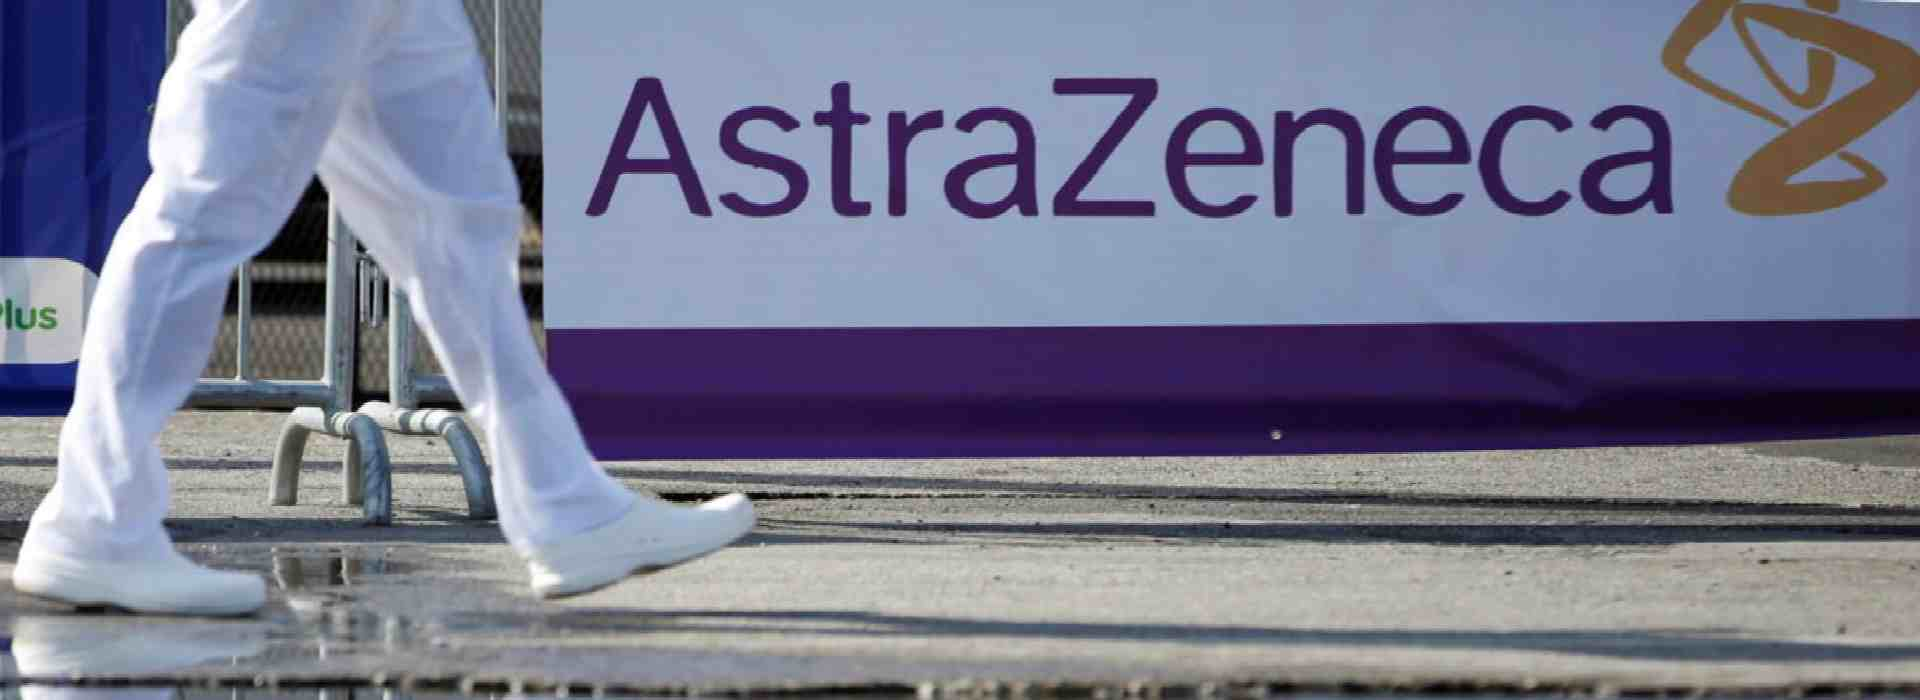 AstraZeneca, i numeri nascosti sulle reazioni avverse. Perché Cts e governo non hanno bloccato prima il vaccino?